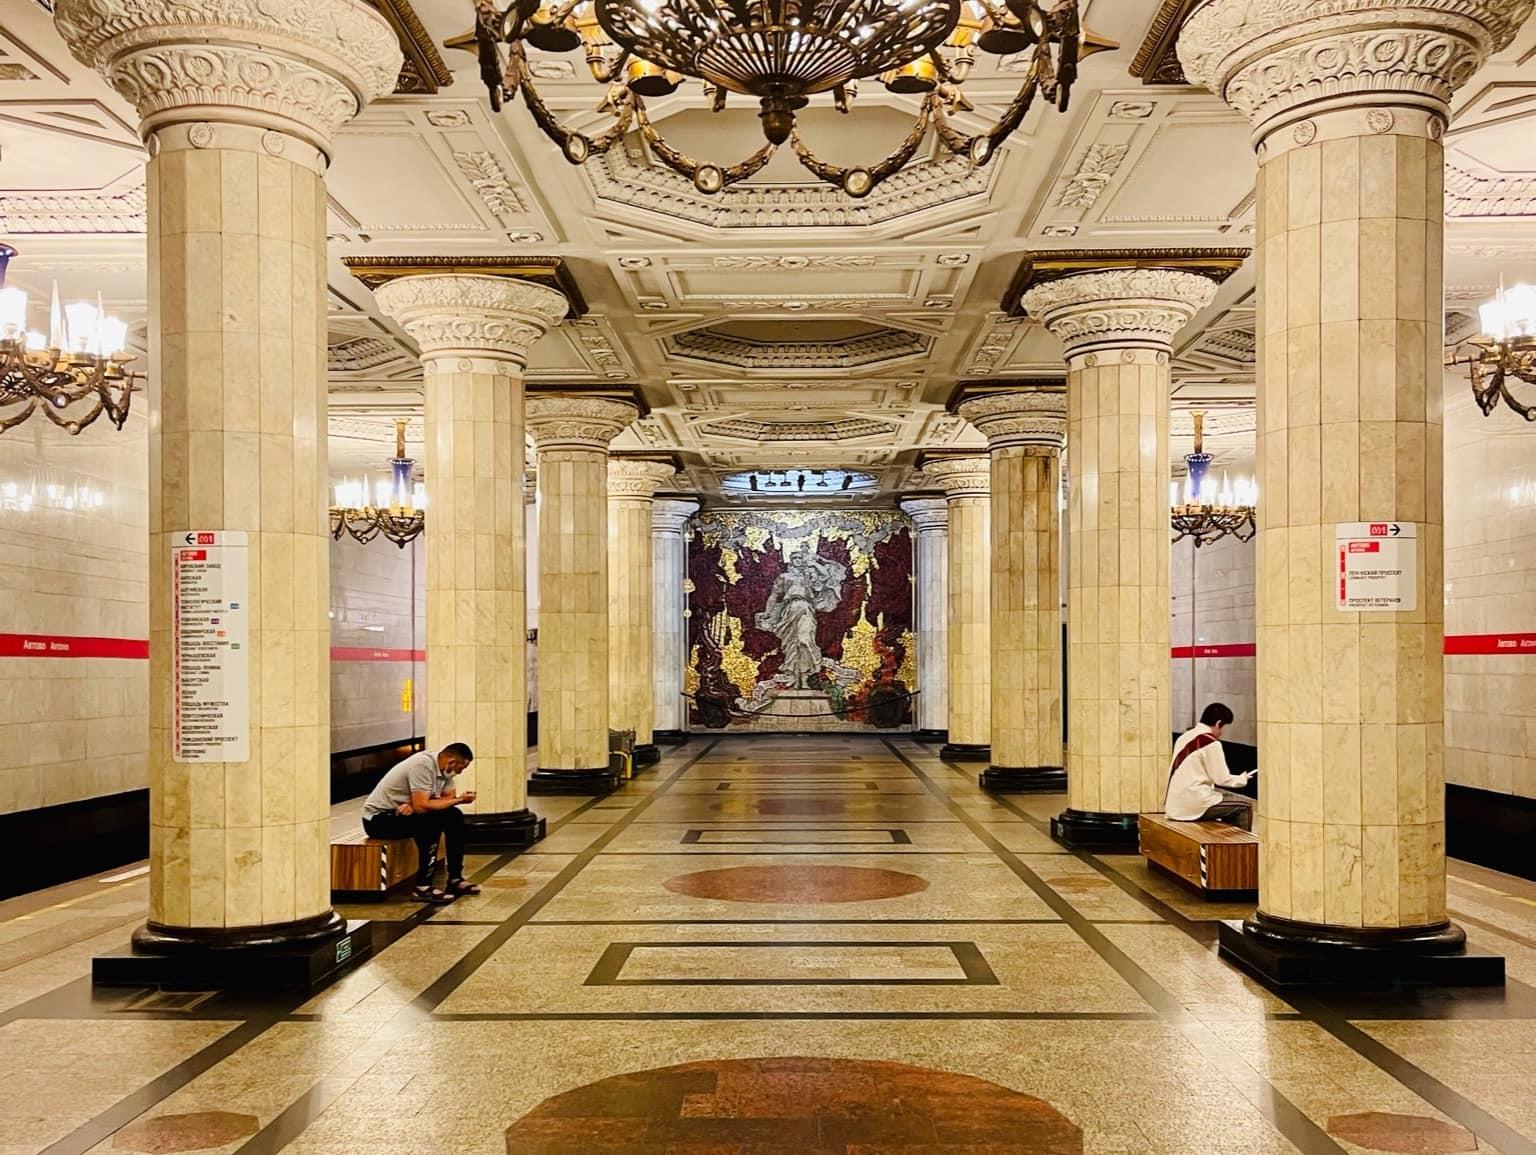 U-Bahn-Haltestelle in der russischen Stadt St. Petersburg